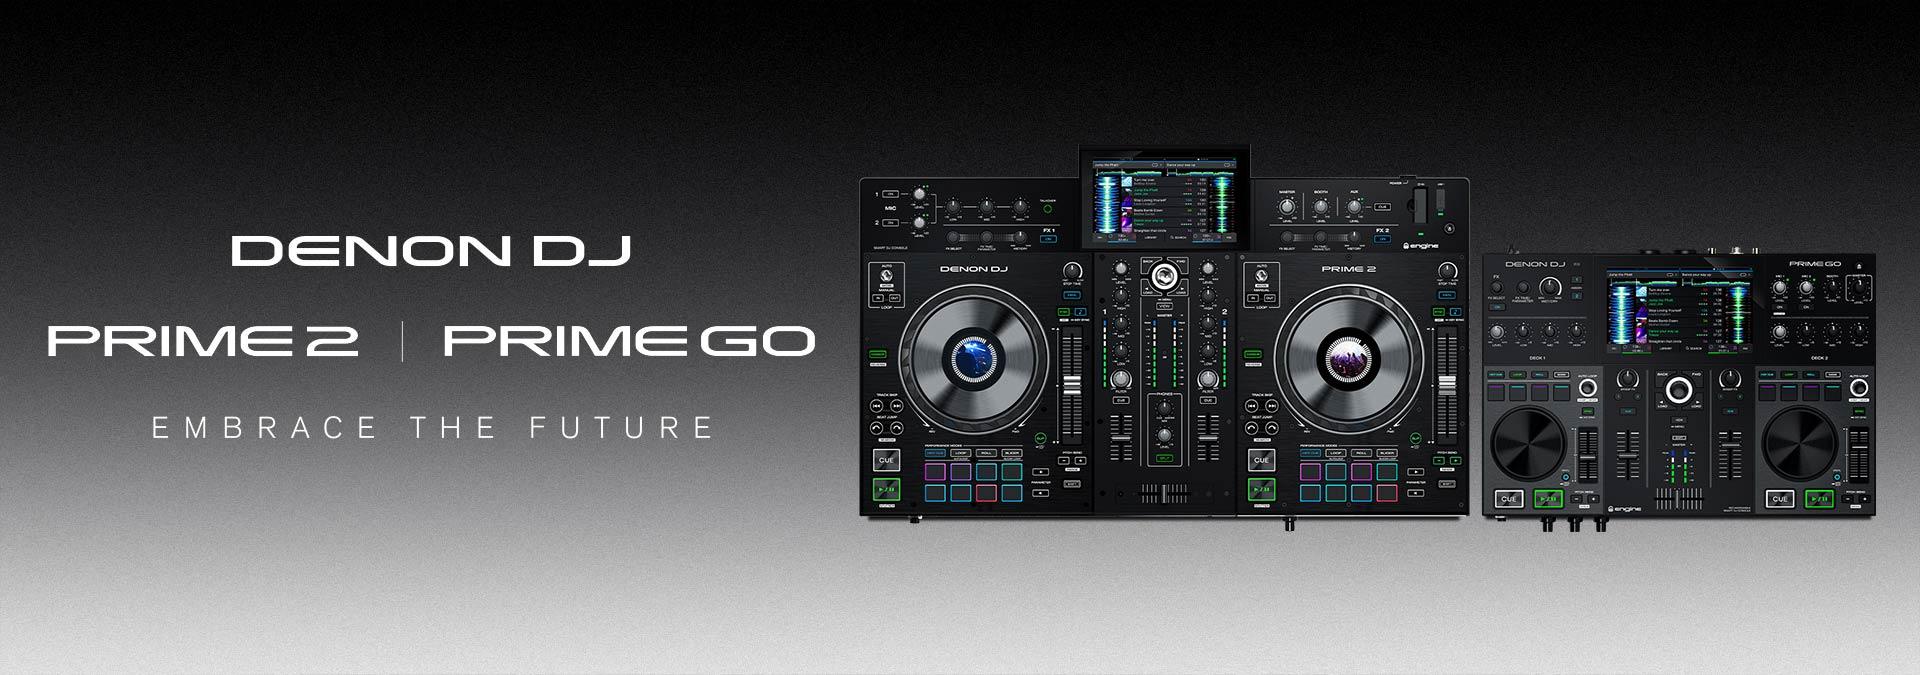 PRIME 2 & PRIME GO Standalone DJ Systems